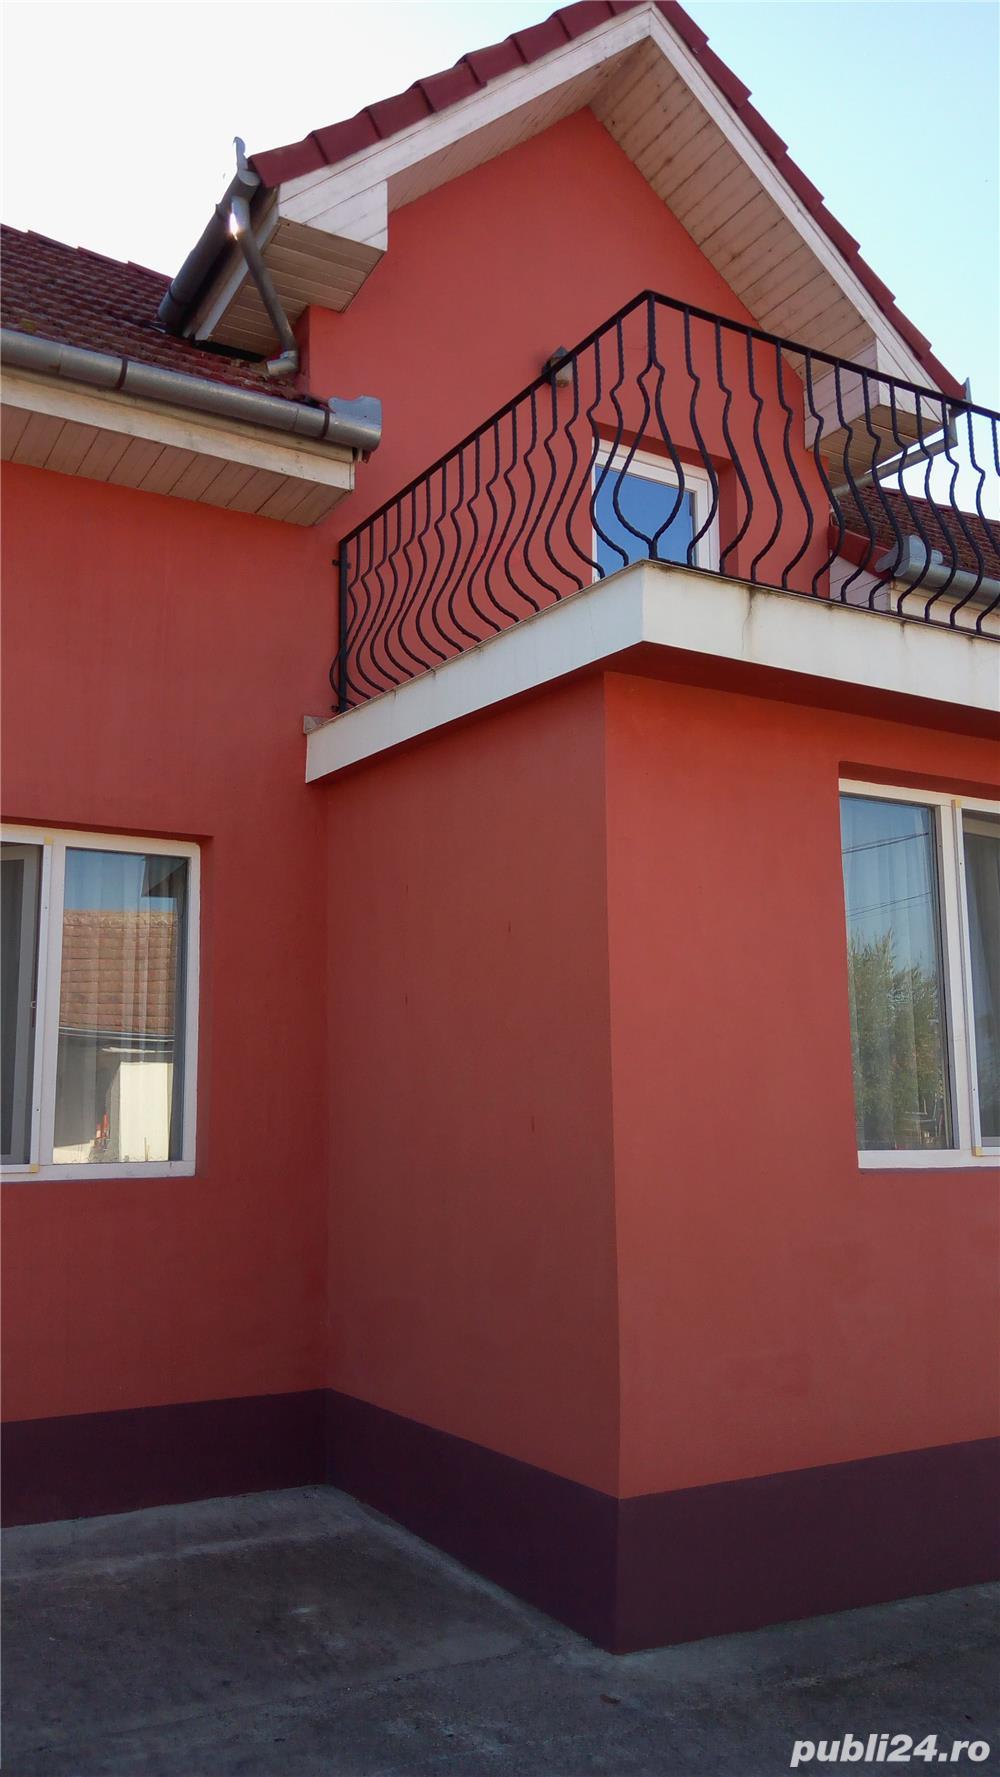 Casa de vanzare in Osorhei cu 30 arii pamant